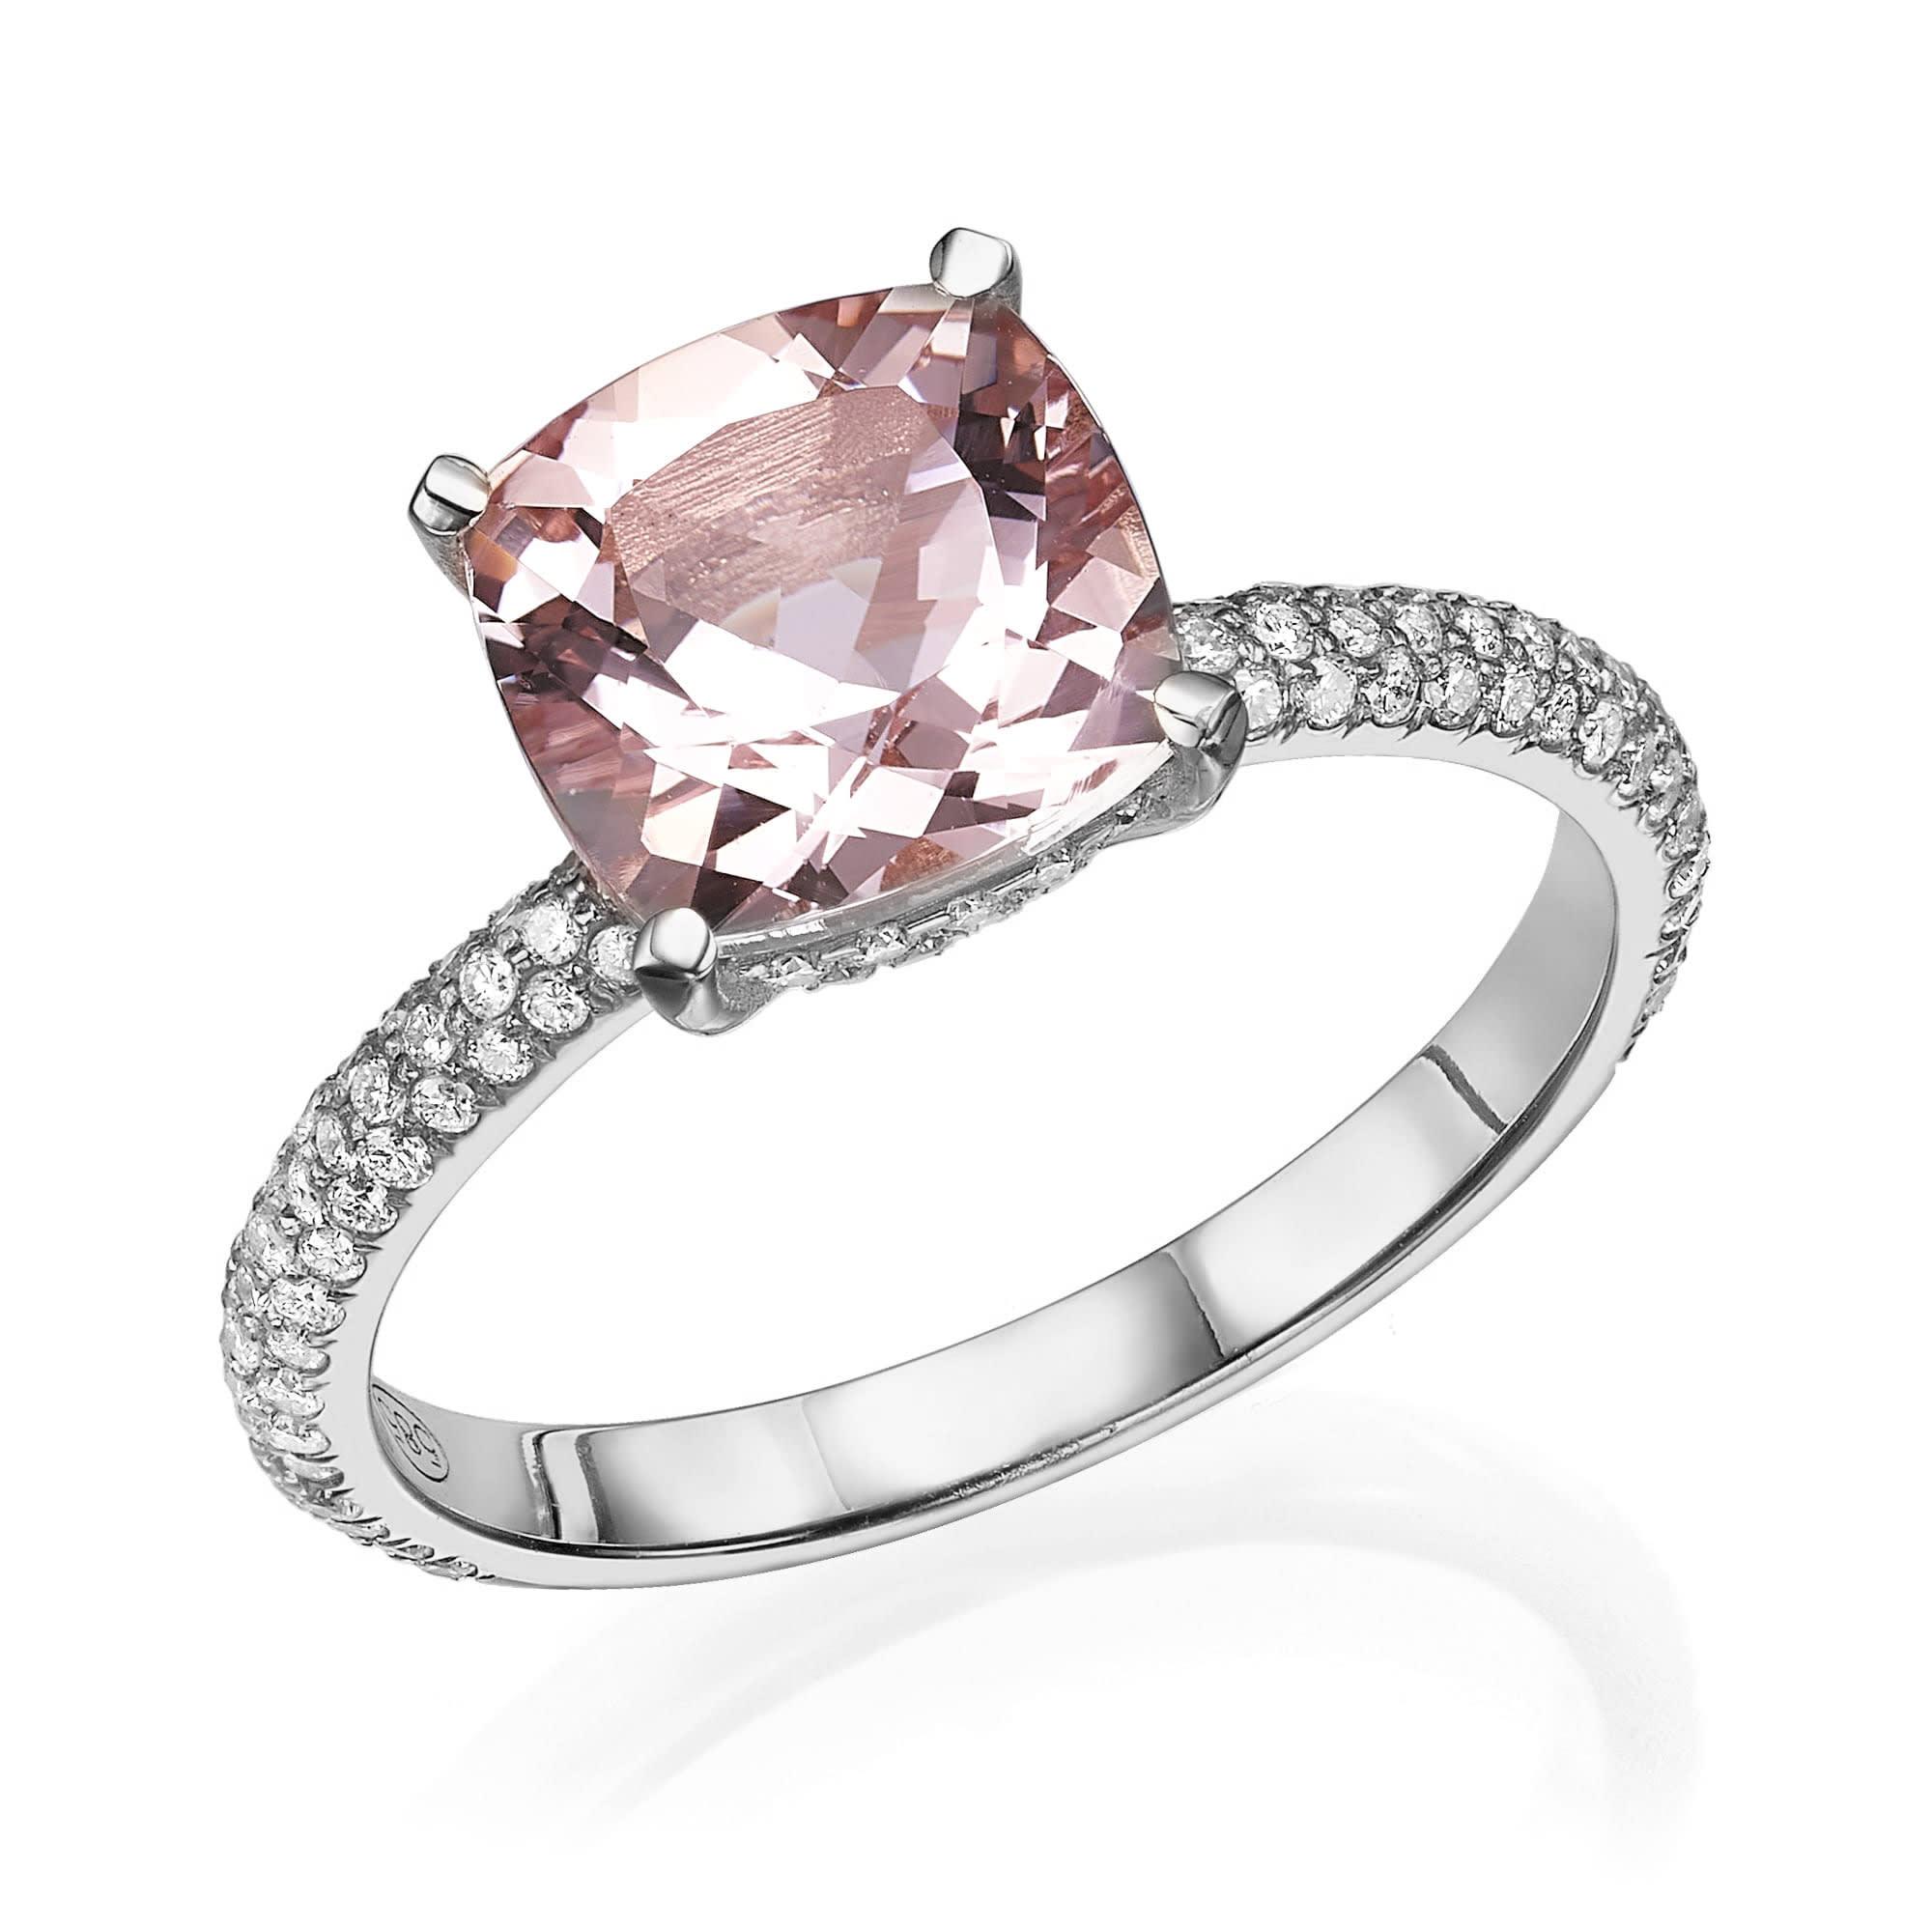 טבעת מורגנייט דגם Mishel